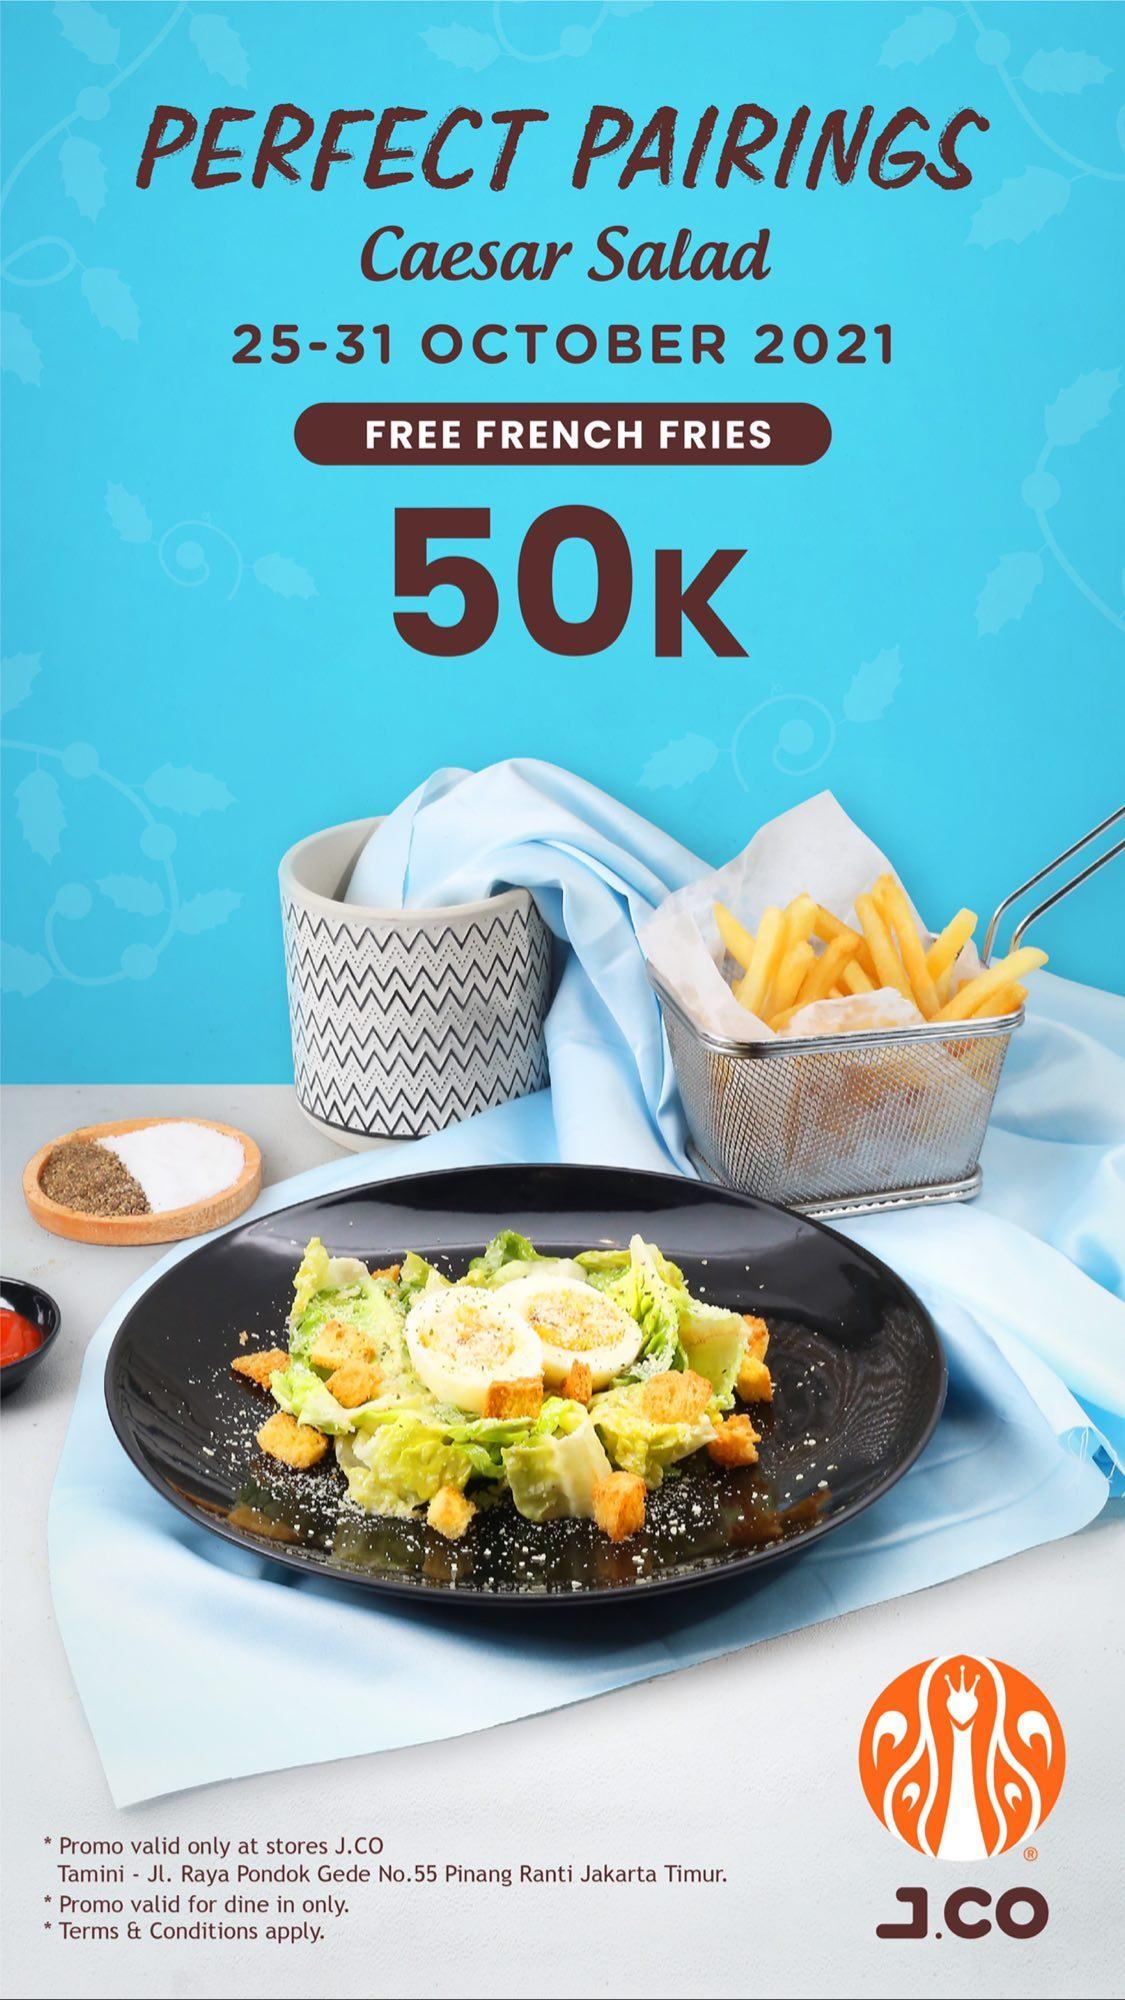 JCO Tamini Promo Perfect Pairings - GRATIS French Fries setiap pembelian JCO Caesar Salad